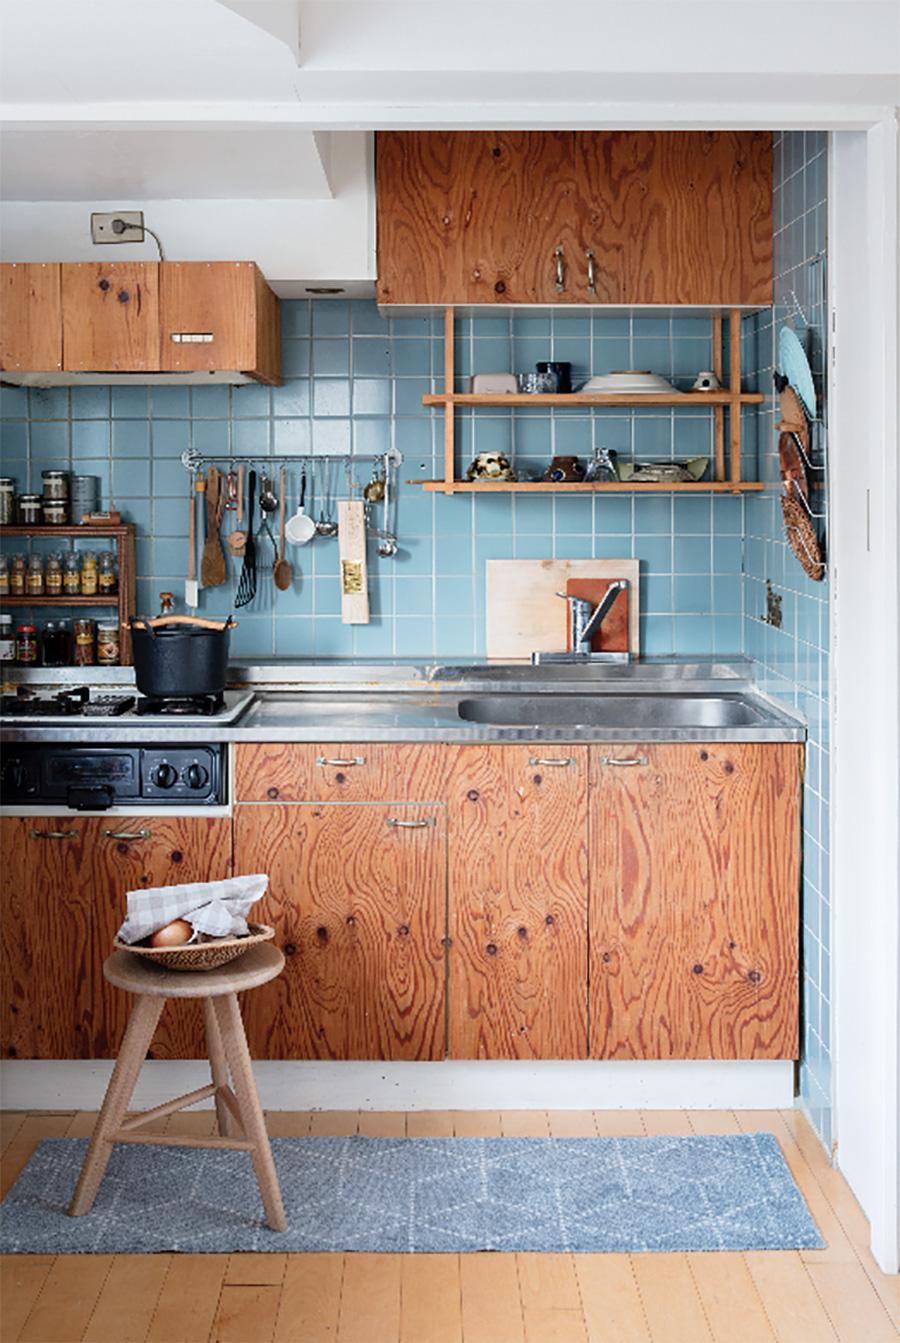 汚れたら洗える、ズレにくい『HEYMAT』は、キッチンマットとしても優秀(Photo by Satoshi Nagare)。